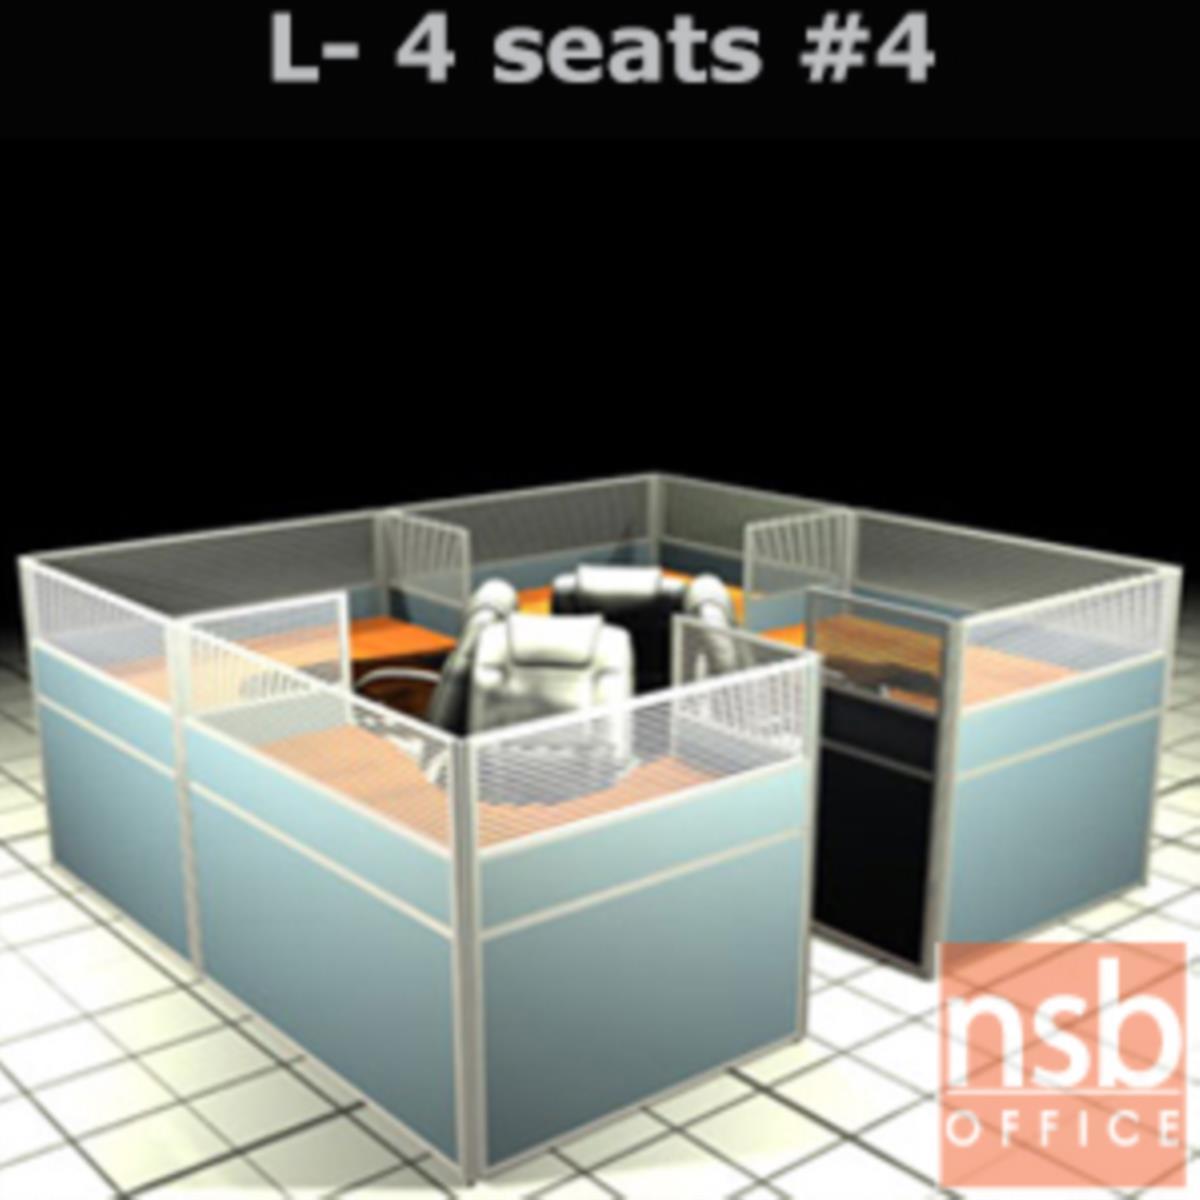 A04A114:ชุดโต๊ะทำงานกลุ่มตัวแอล 4 ที่นั่ง   ขนาดรวม 610W*124D cm. พร้อมพาร์ทิชั่นครึ่งกระจกขัดลาย